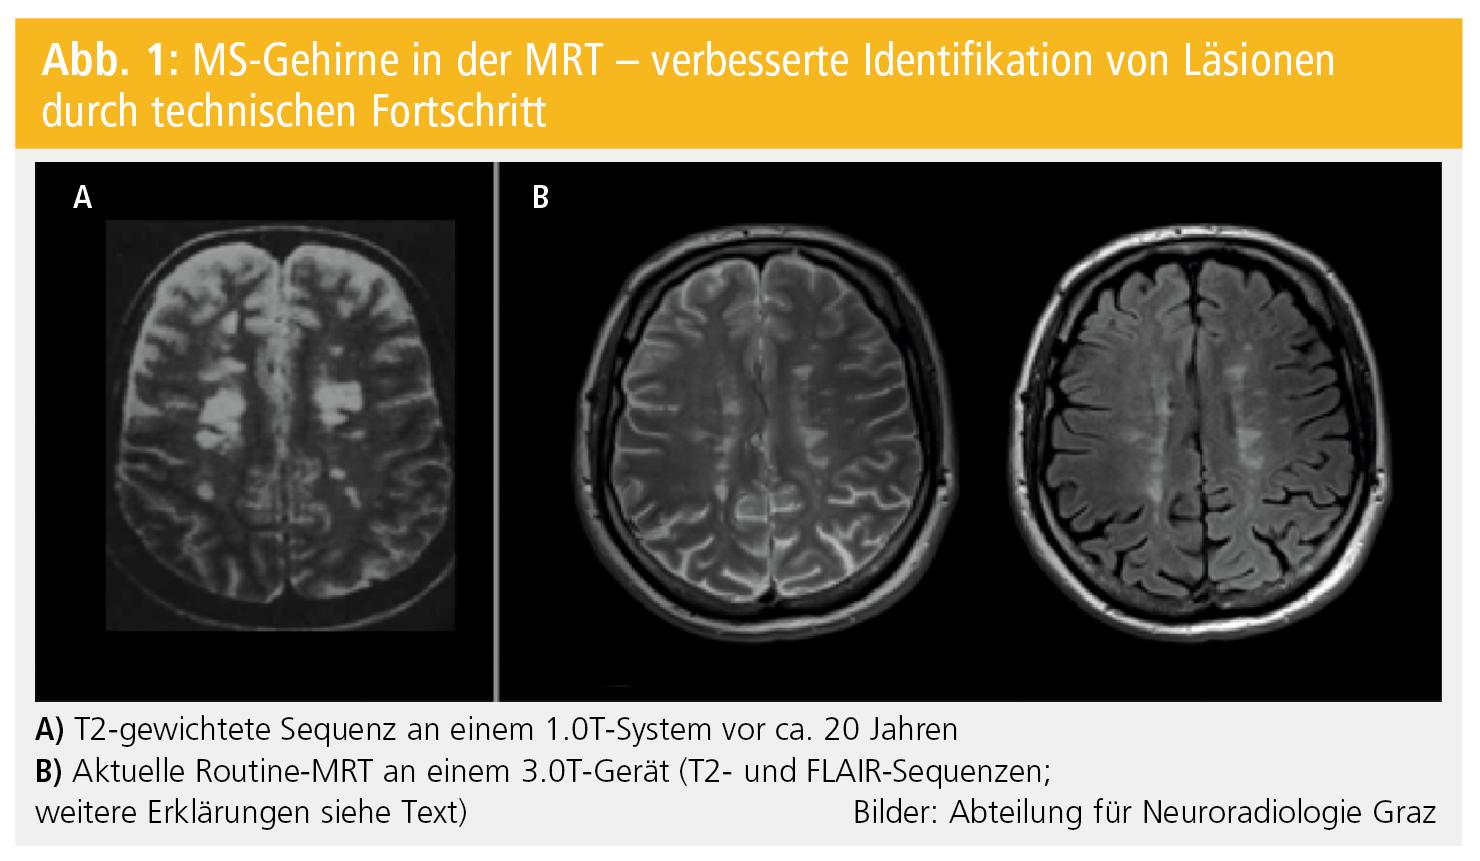 Brauchen wir neue MR-Techniken in der MS?   Neurologisch   MedMedia